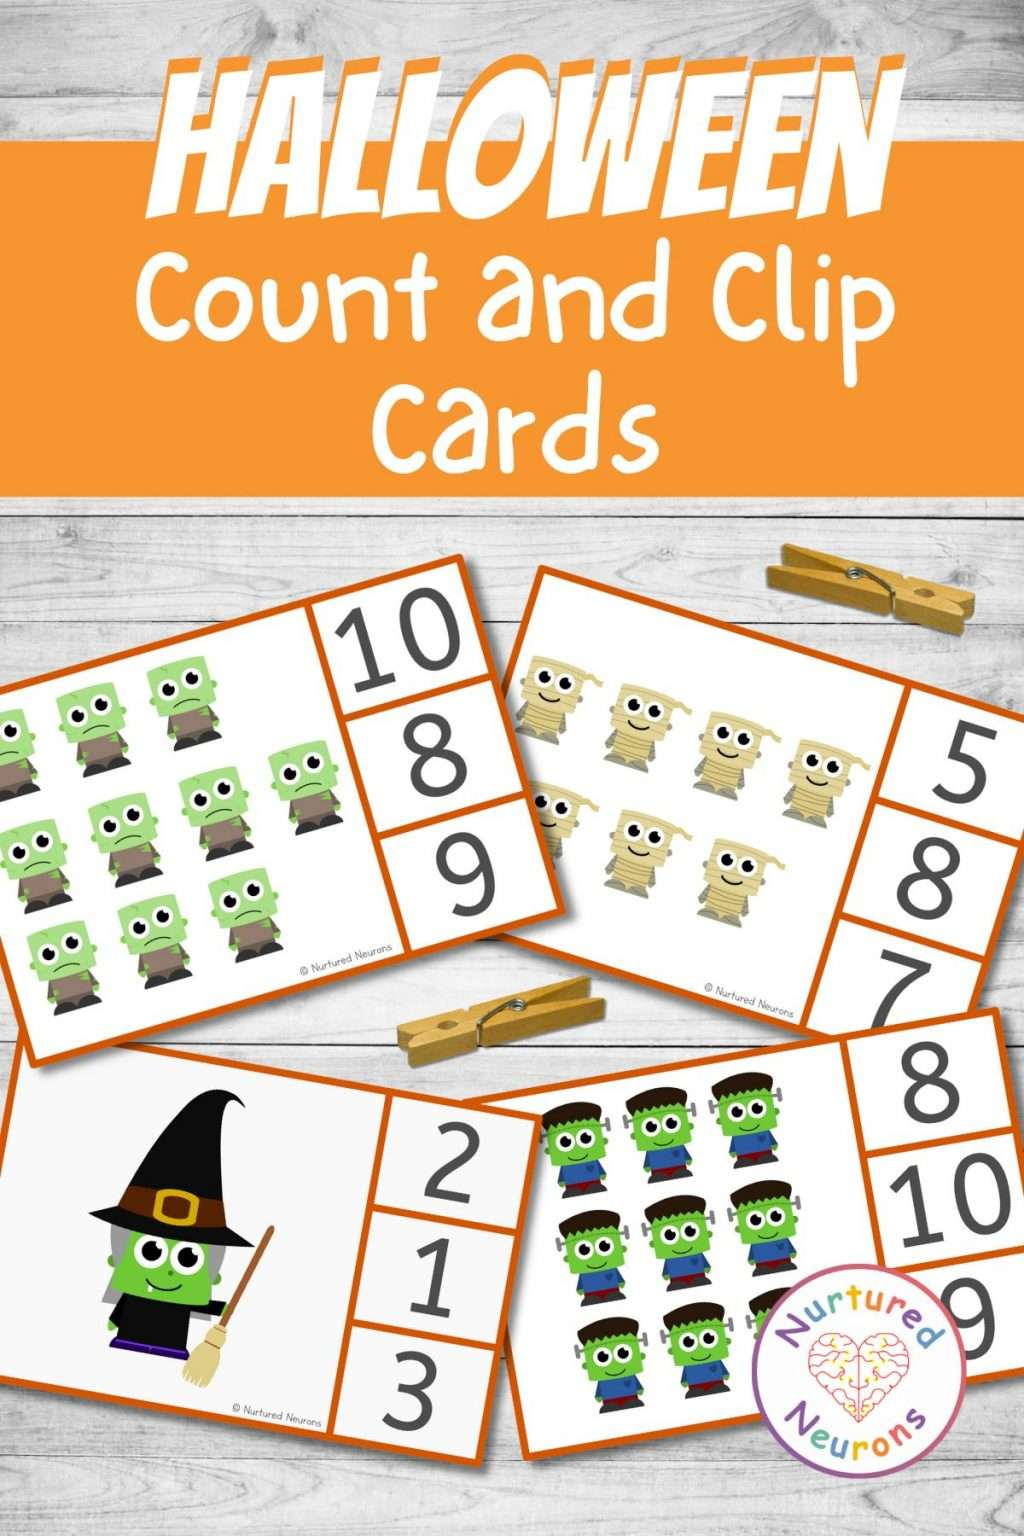 Printablr Halloween math activity for kids, preschoolers and kindergarten